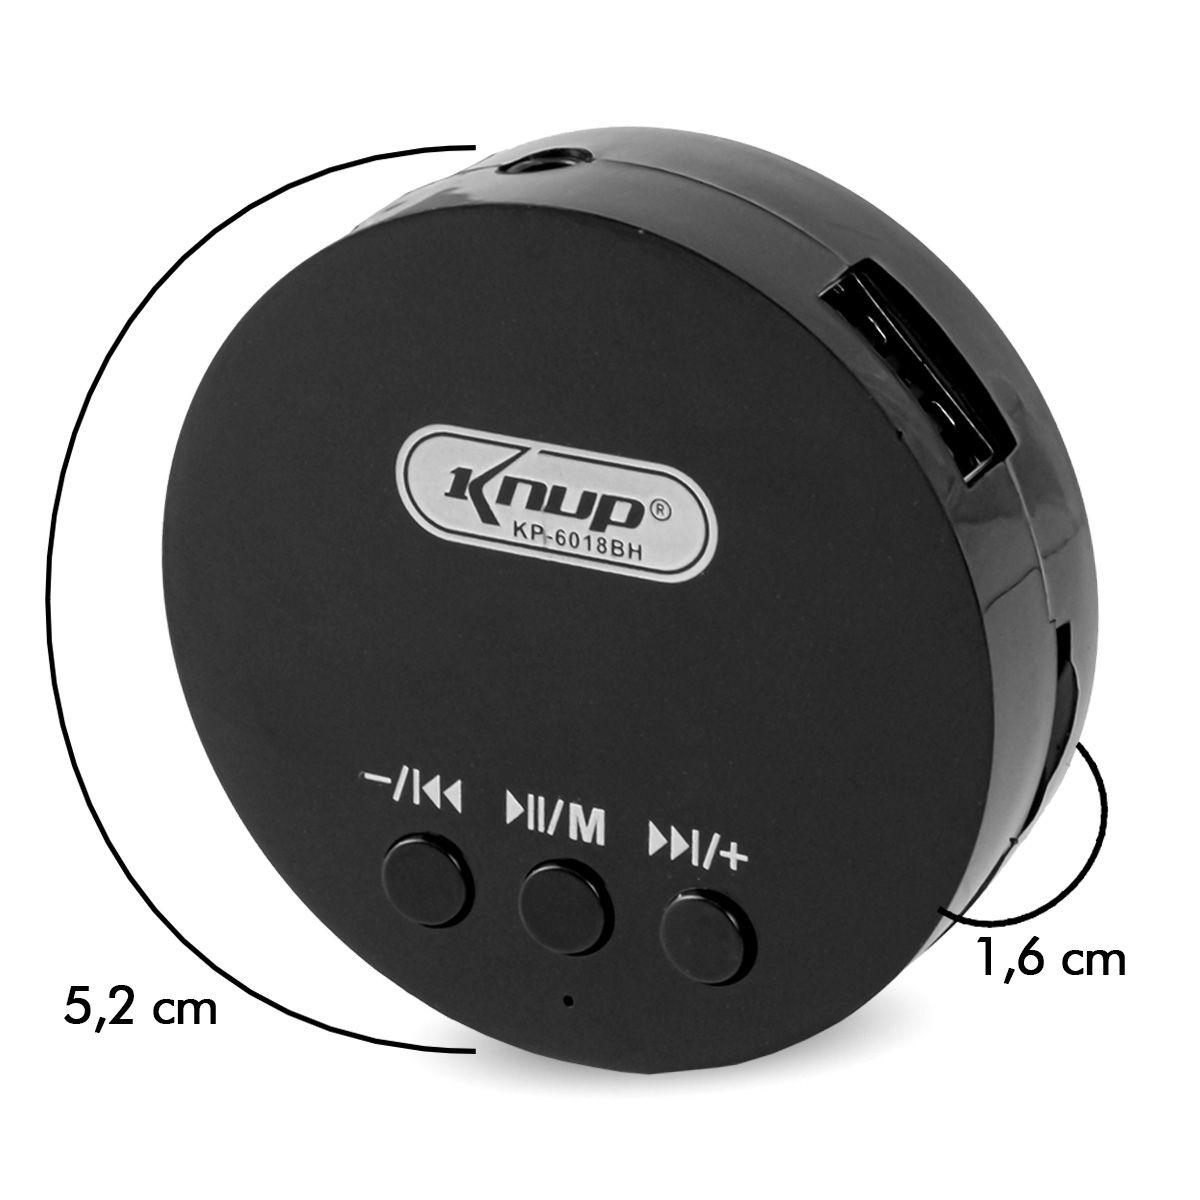 Caixa de Som para PC com Subwoofer e Bluetooth Knup KP-6018BH